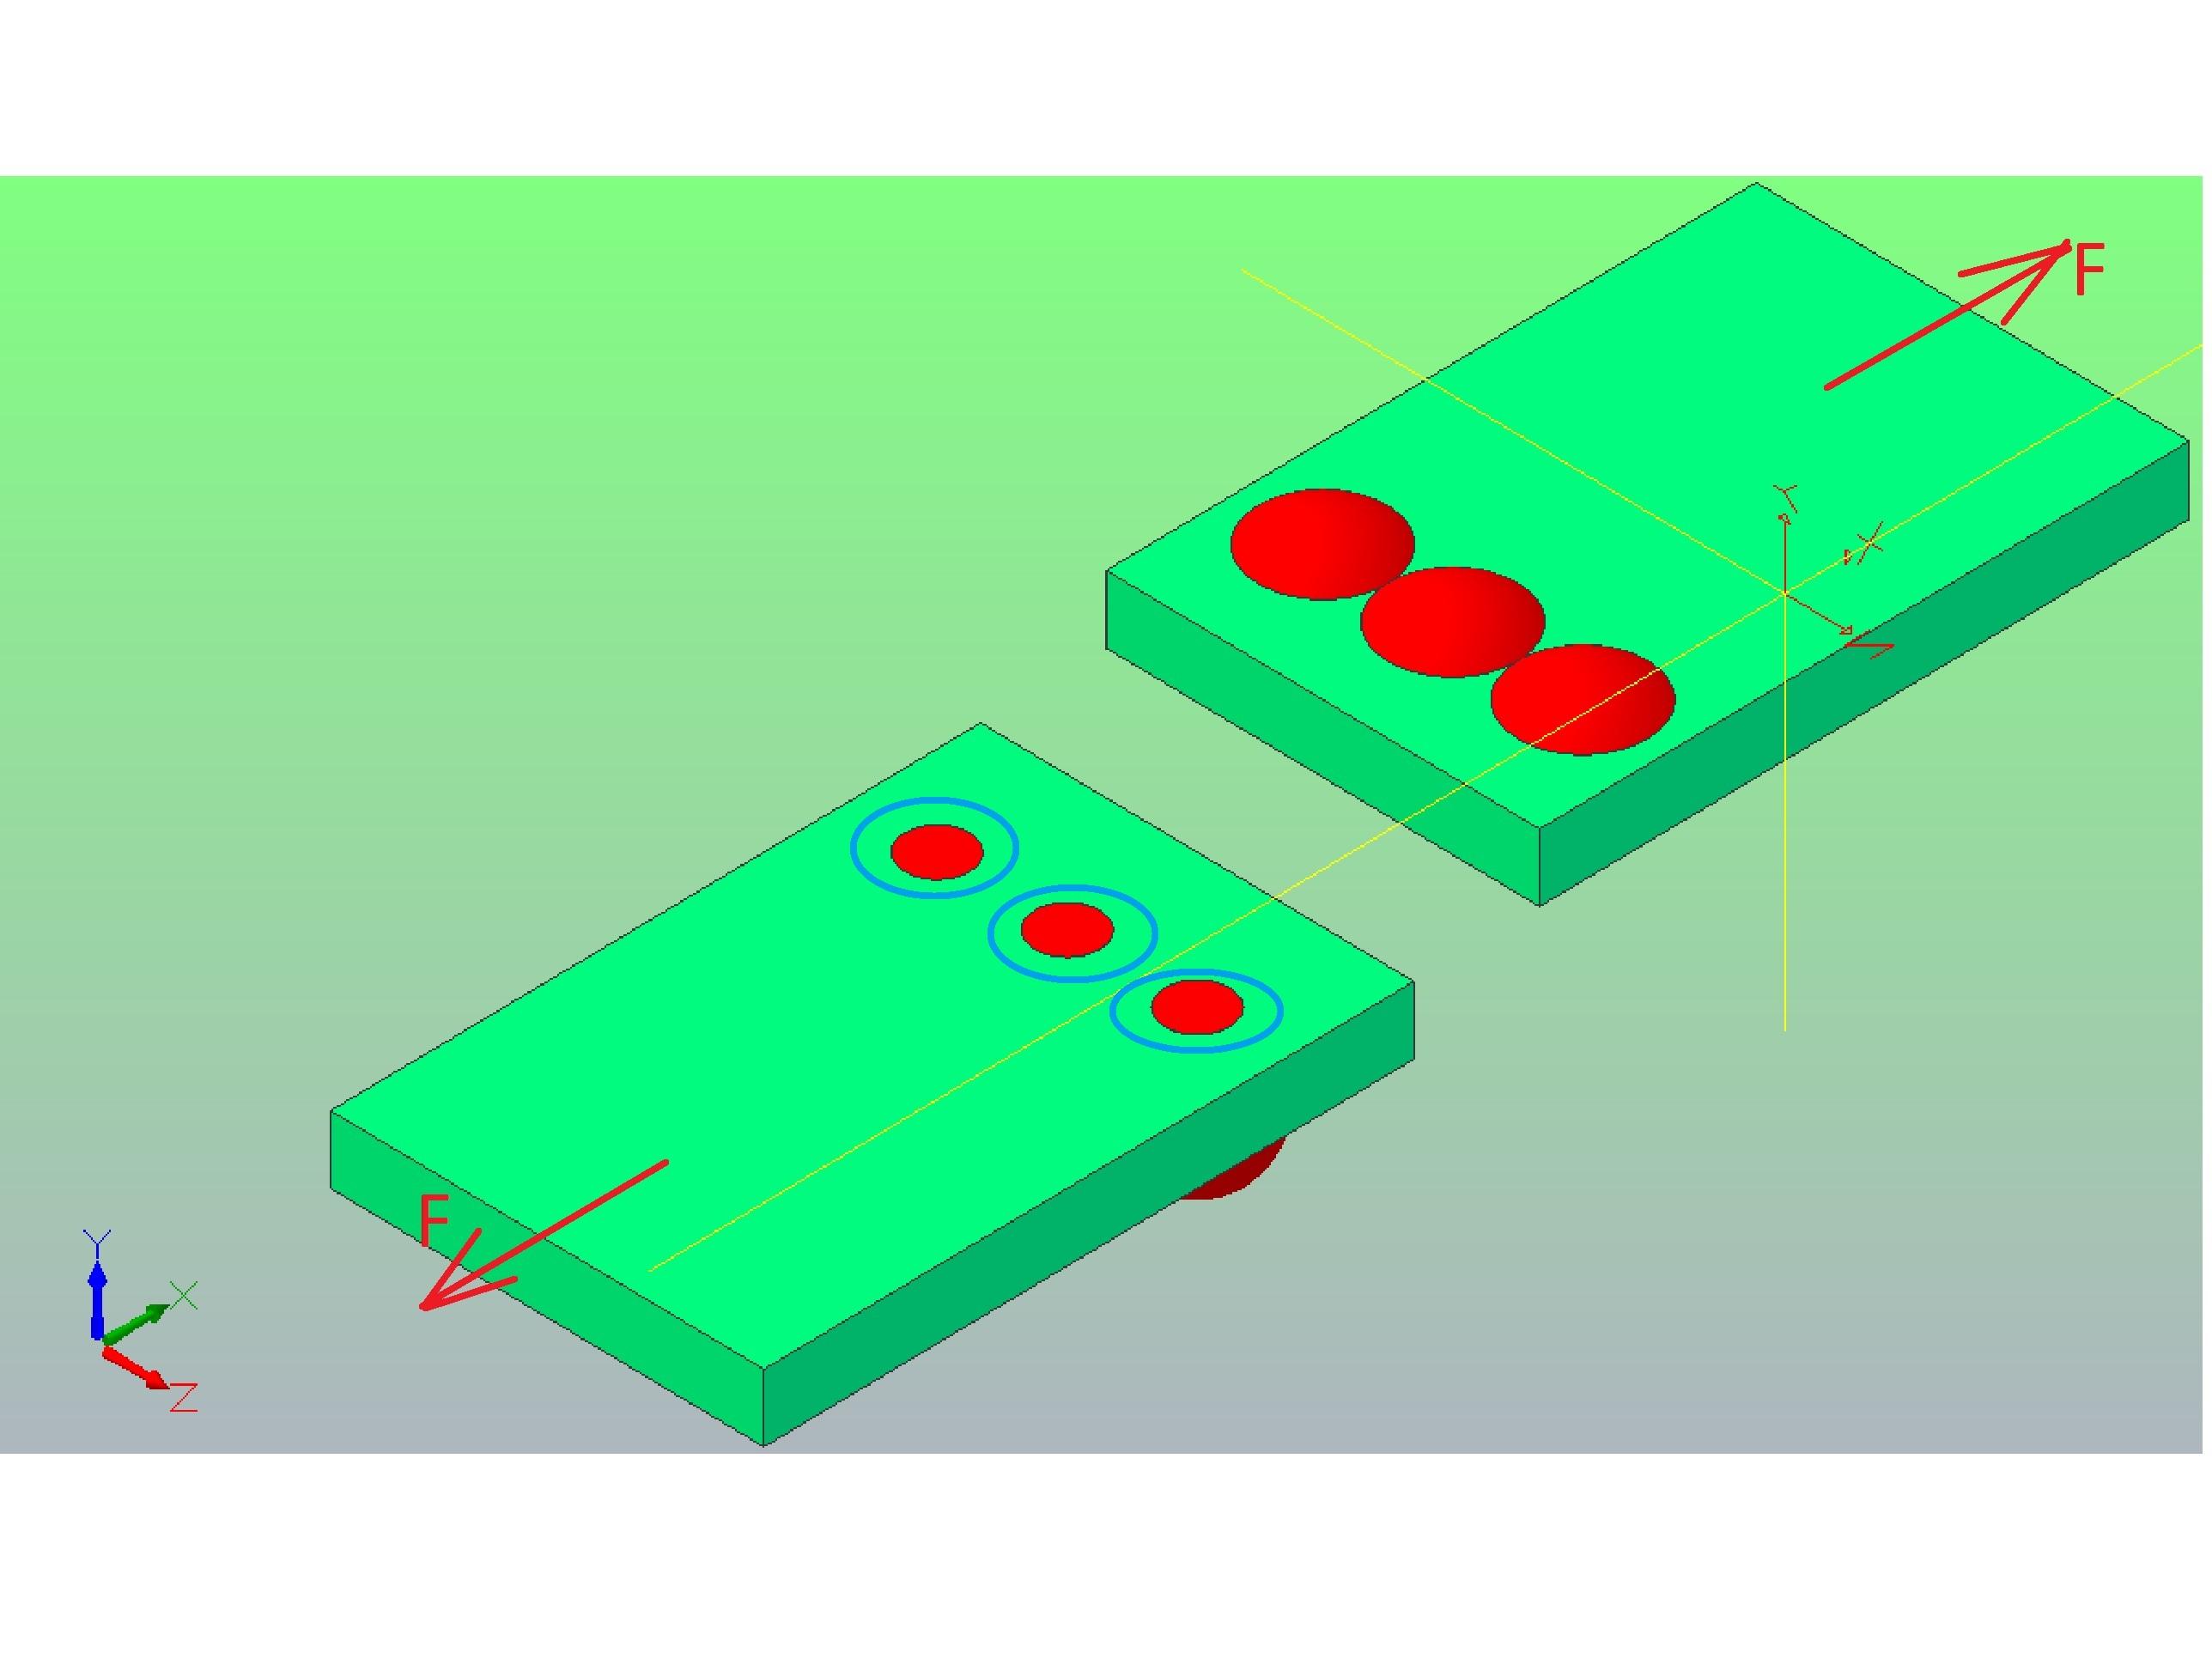 scinanie3 - Obliczenie połączenia nitowego - zadanie 15